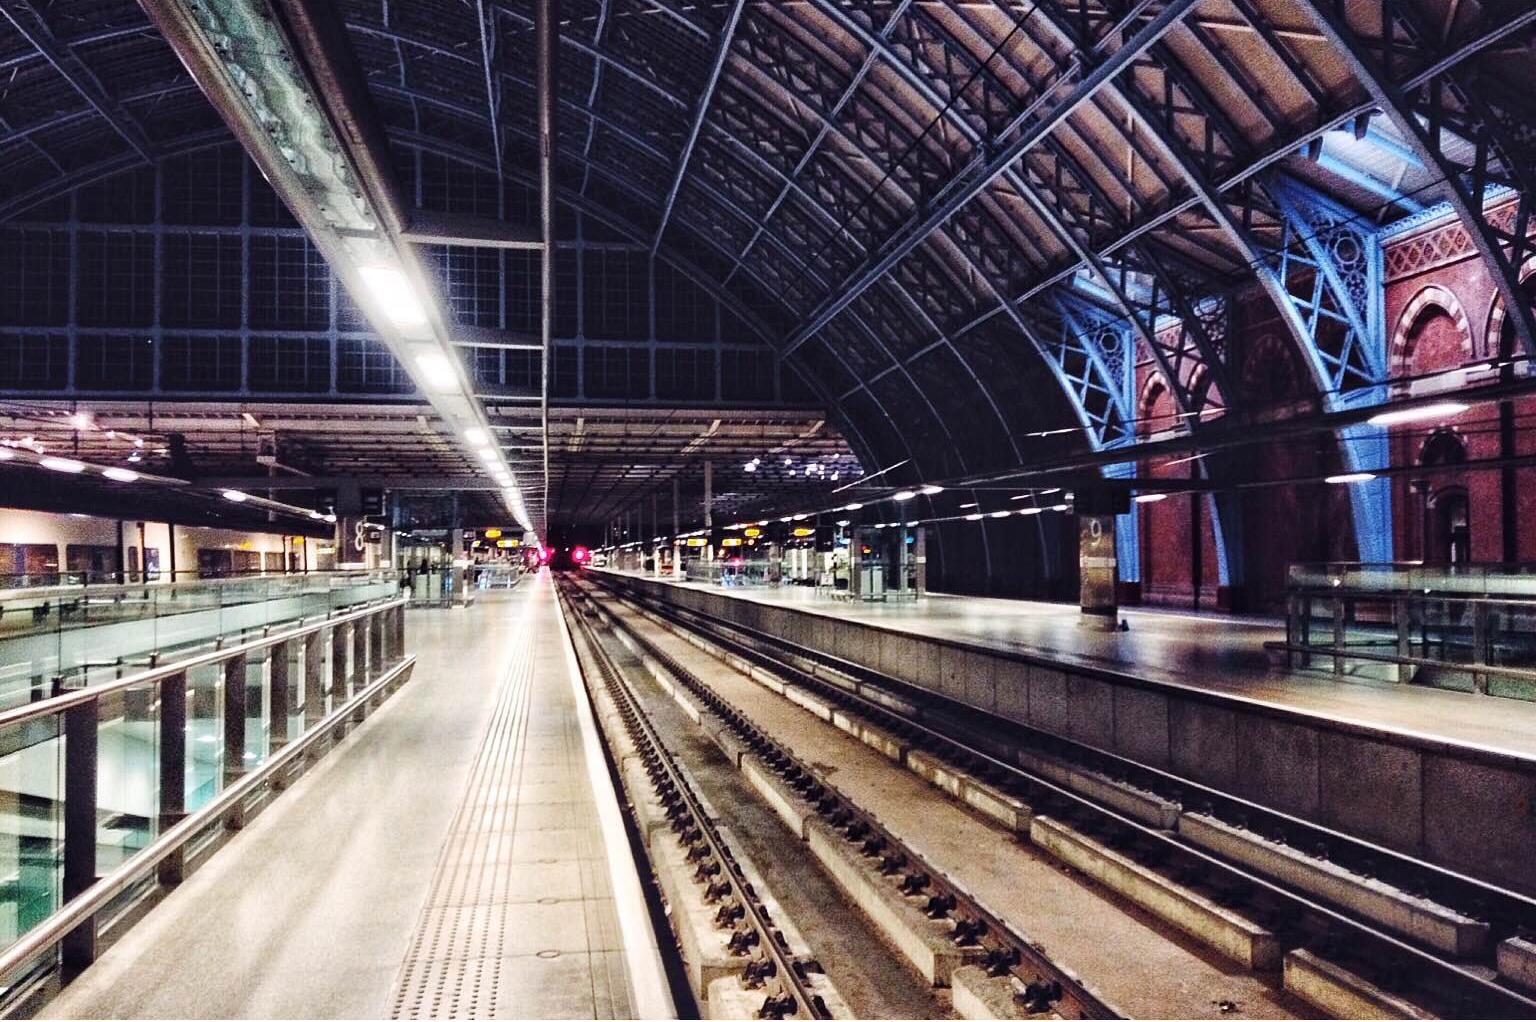 StPancras train station